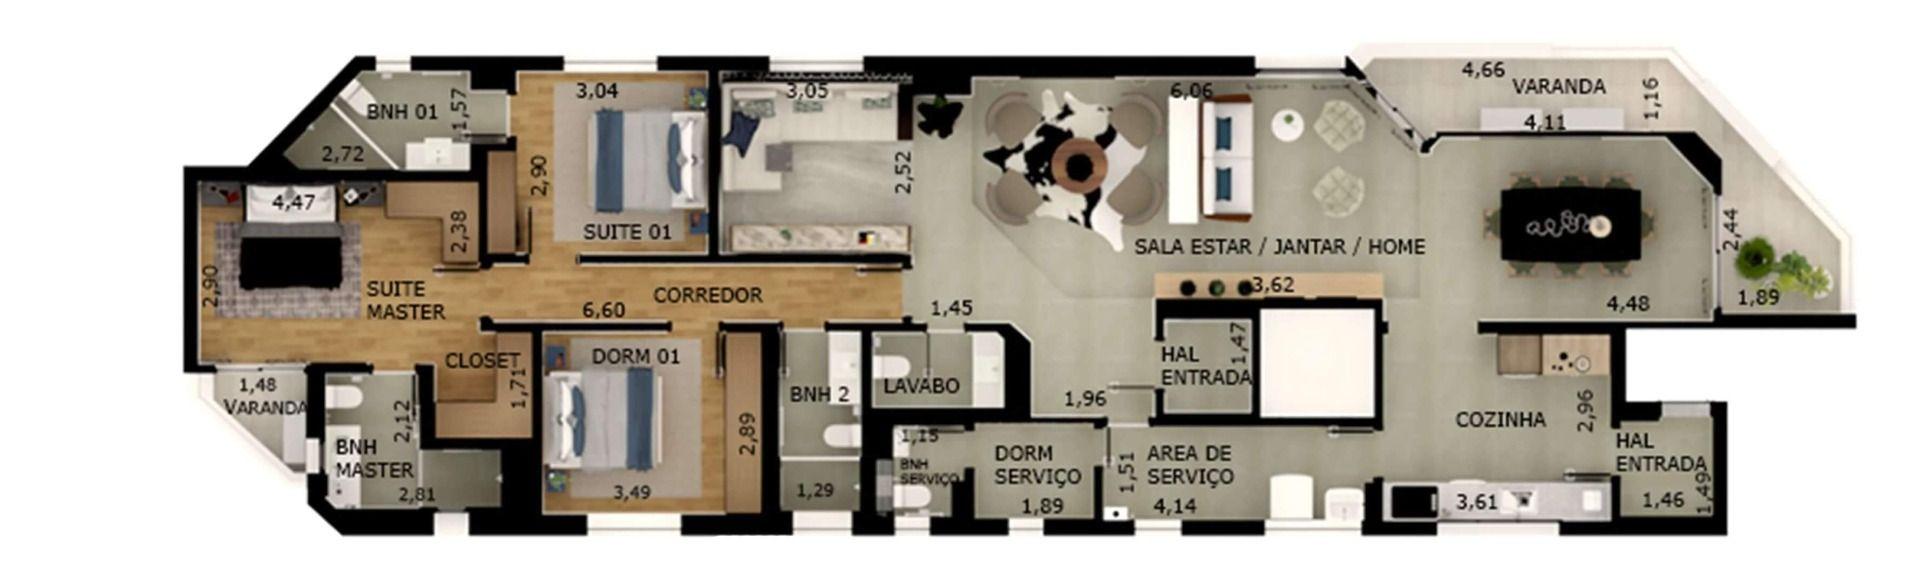 152 M² - 3 DORMITÓRIOS, SENDO 2 SUÍTES. (Apartamento 121, 12º andar).